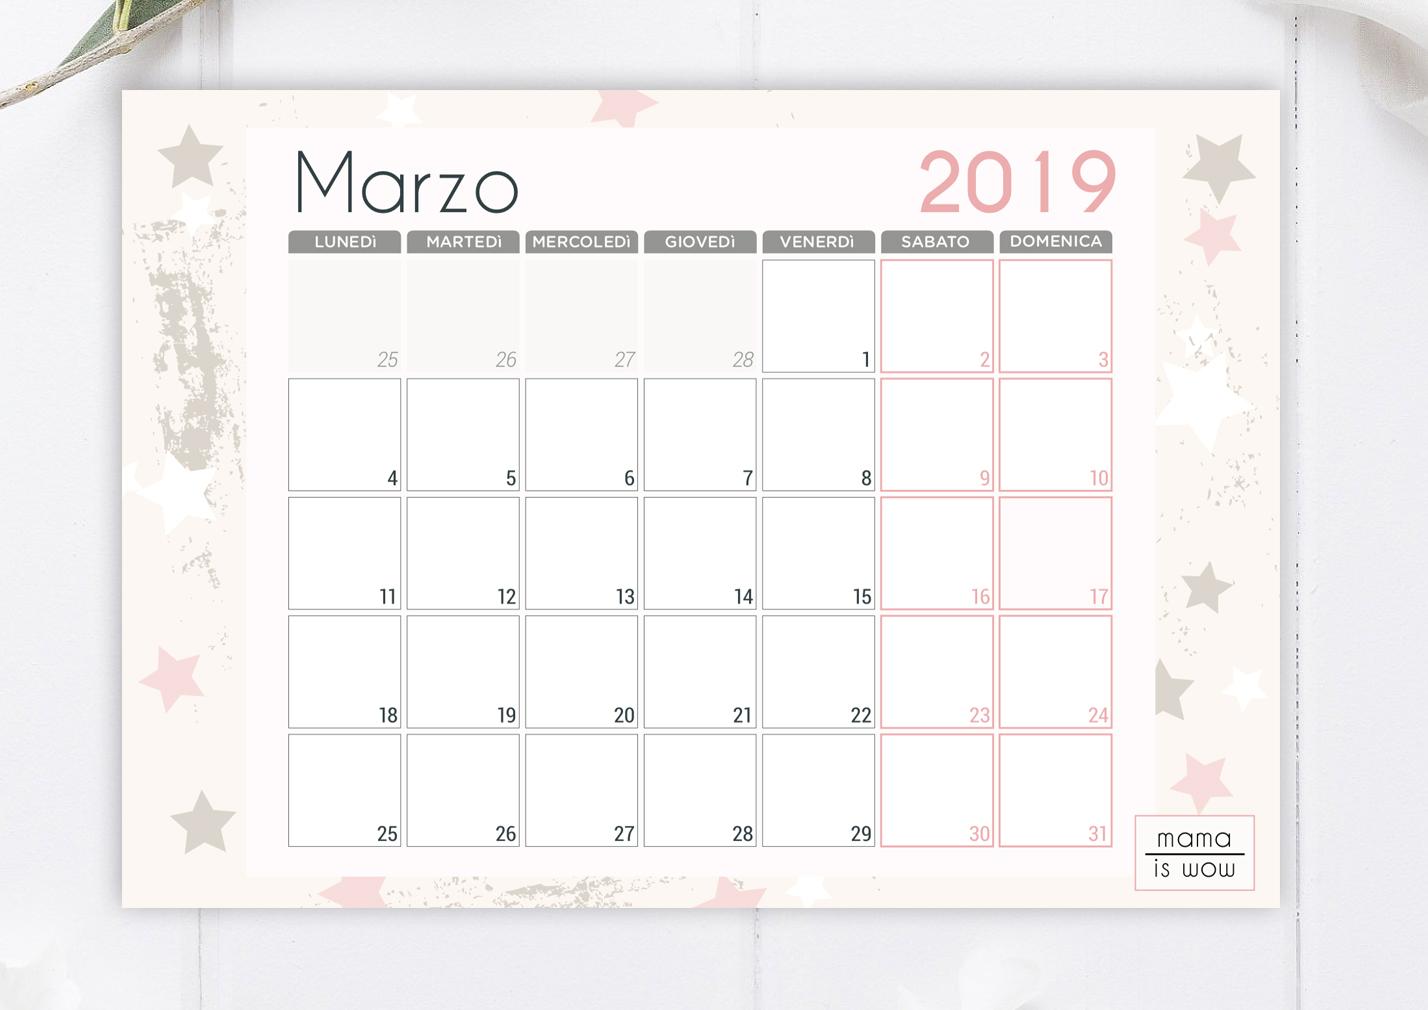 Calendario Di Marzo.Finalmente La Primavera Scarica Gratis Il Calendario Di